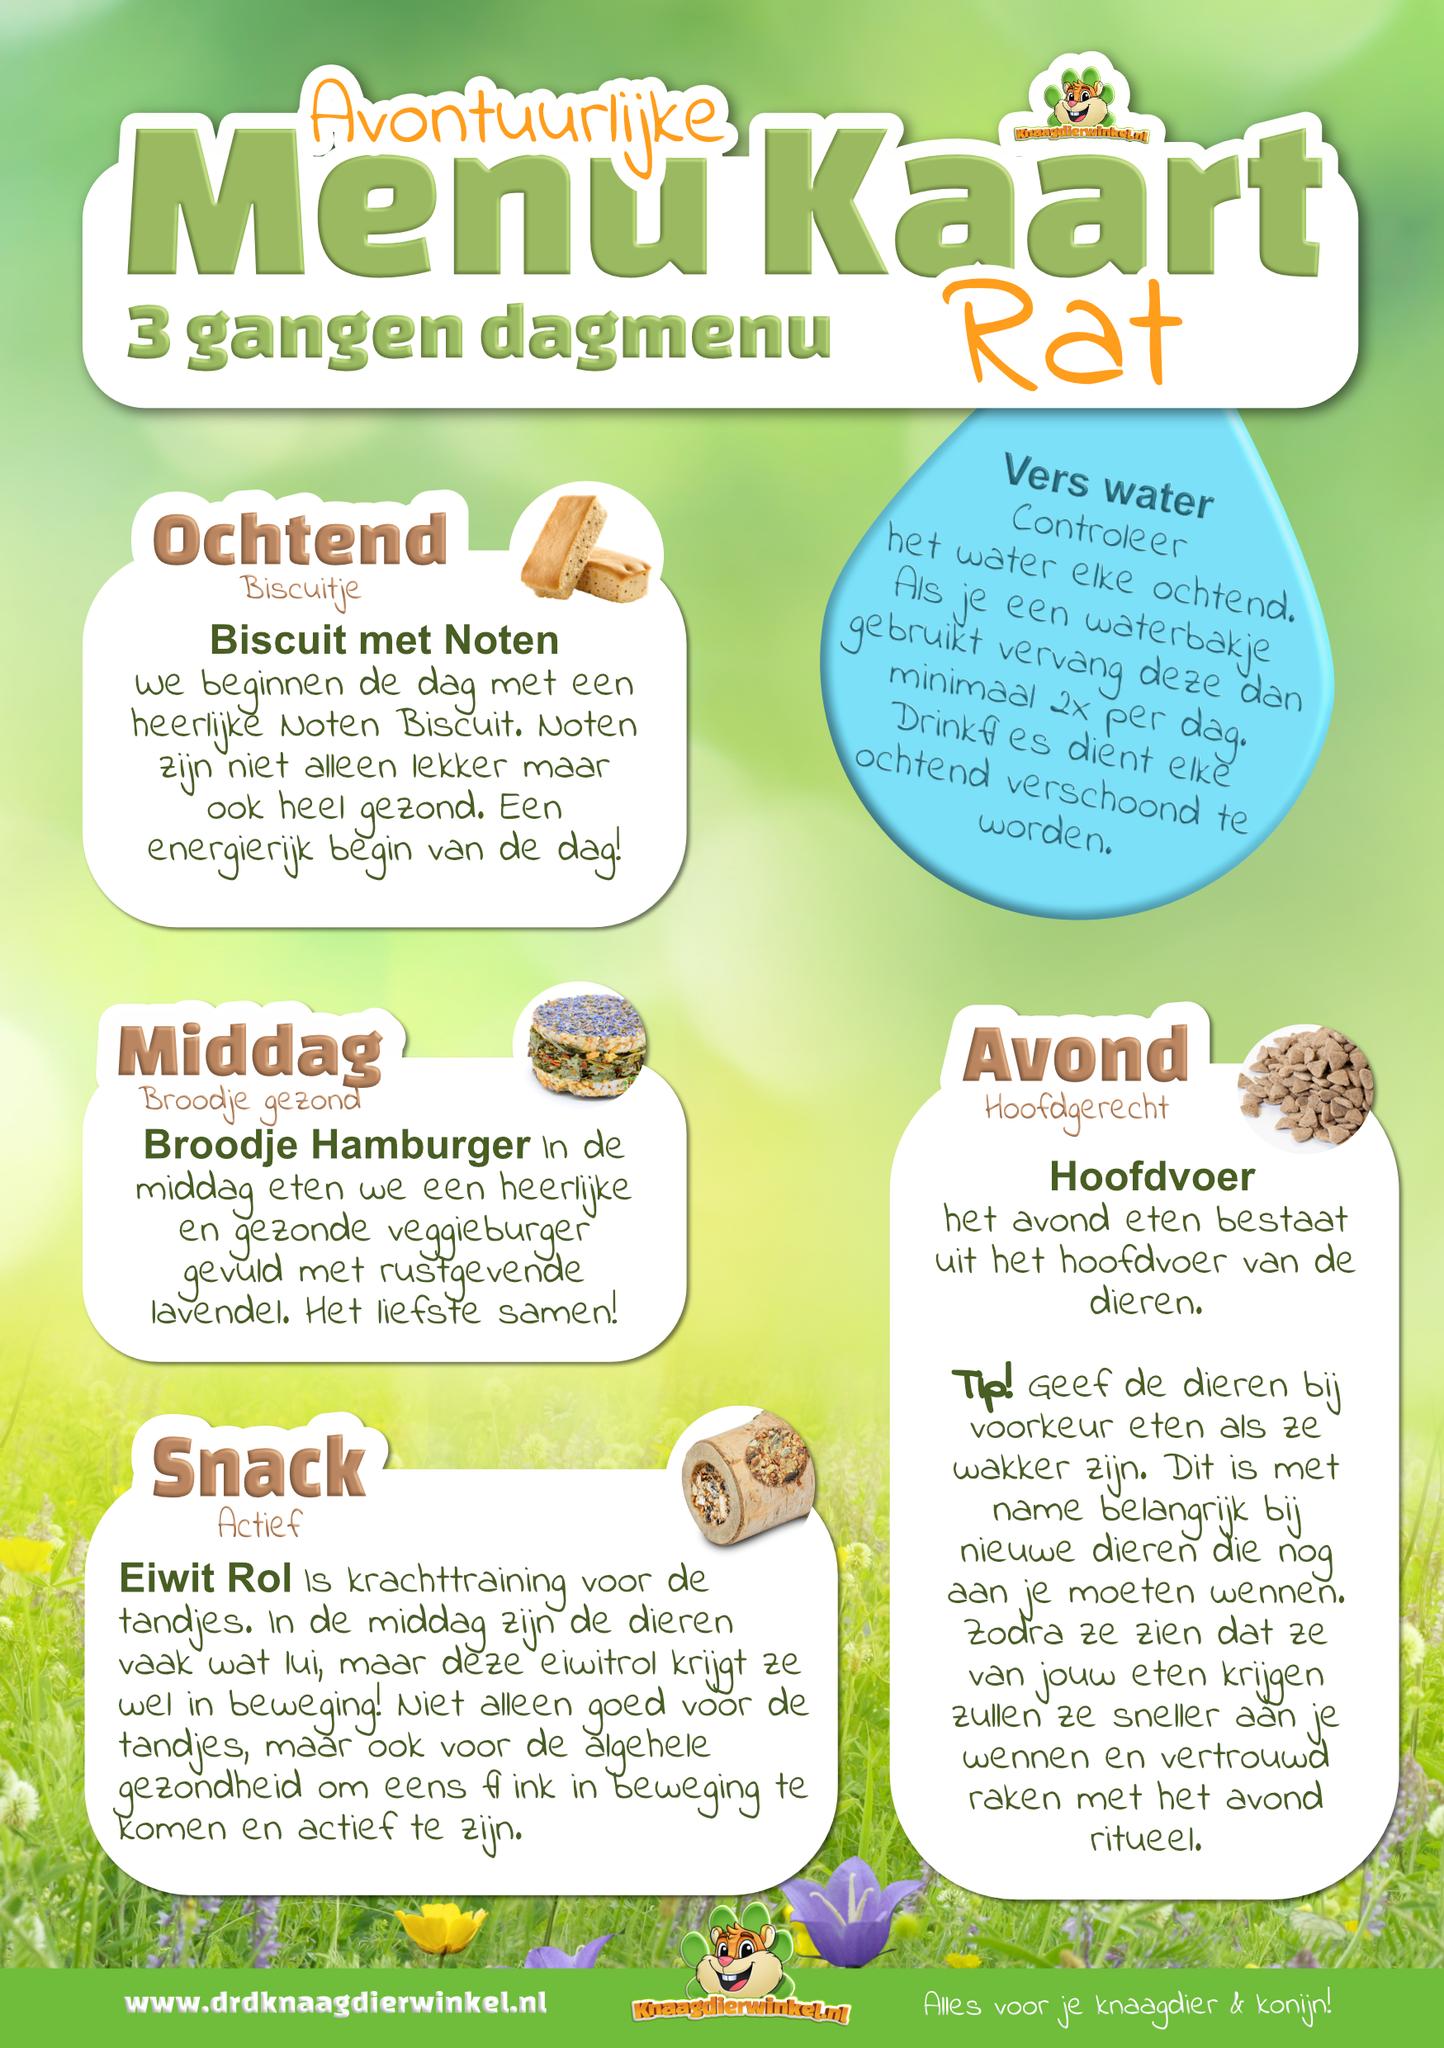 menukaart voor de rat